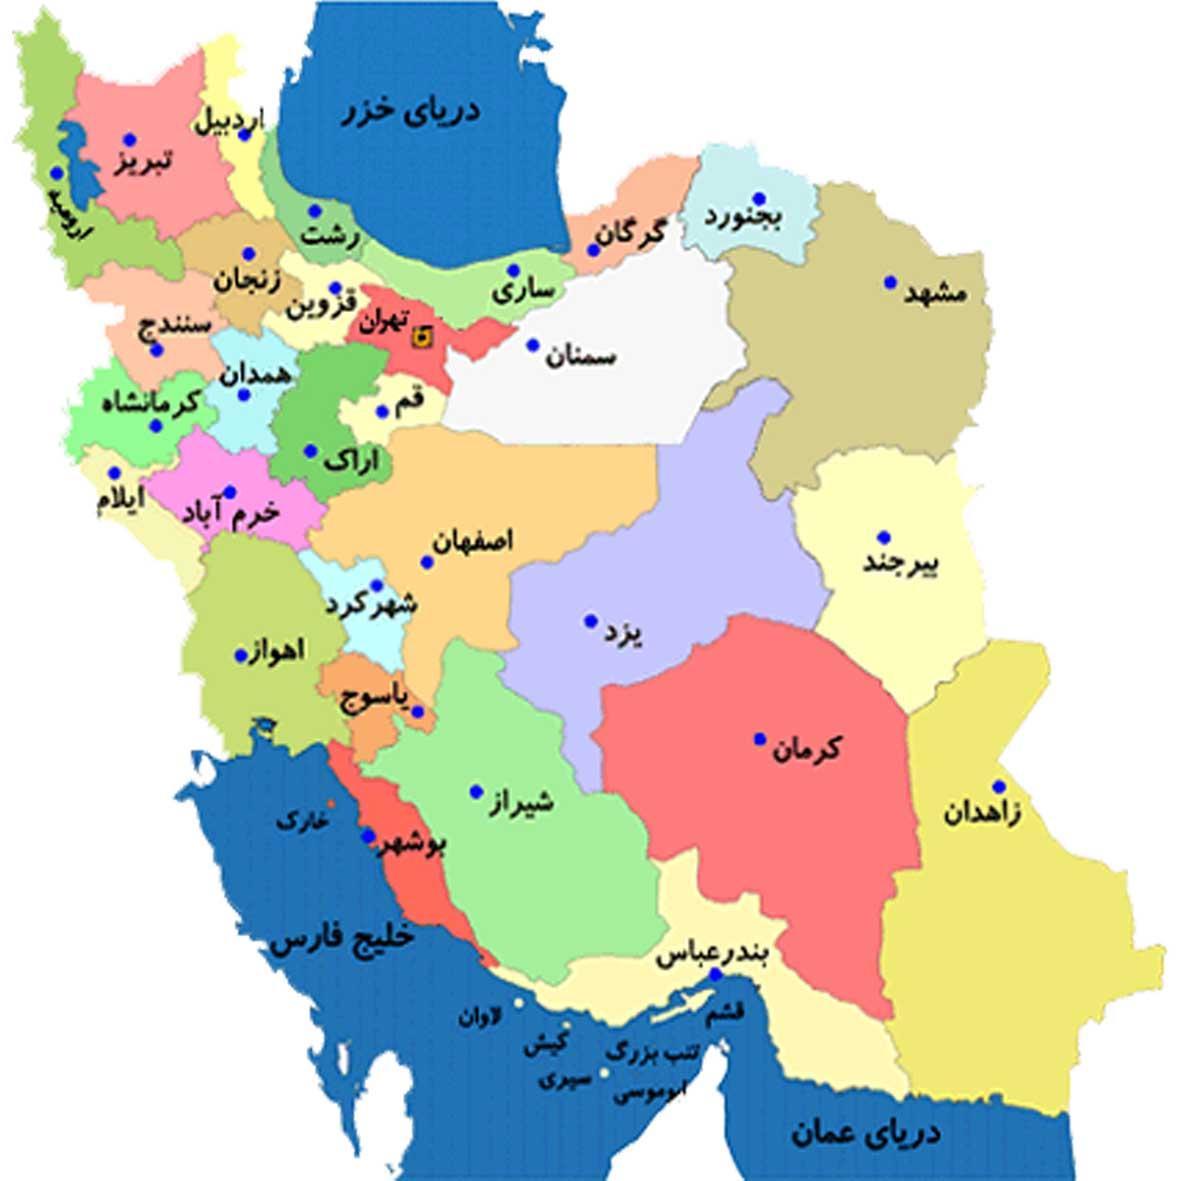 ایران ناز کجاست ؟